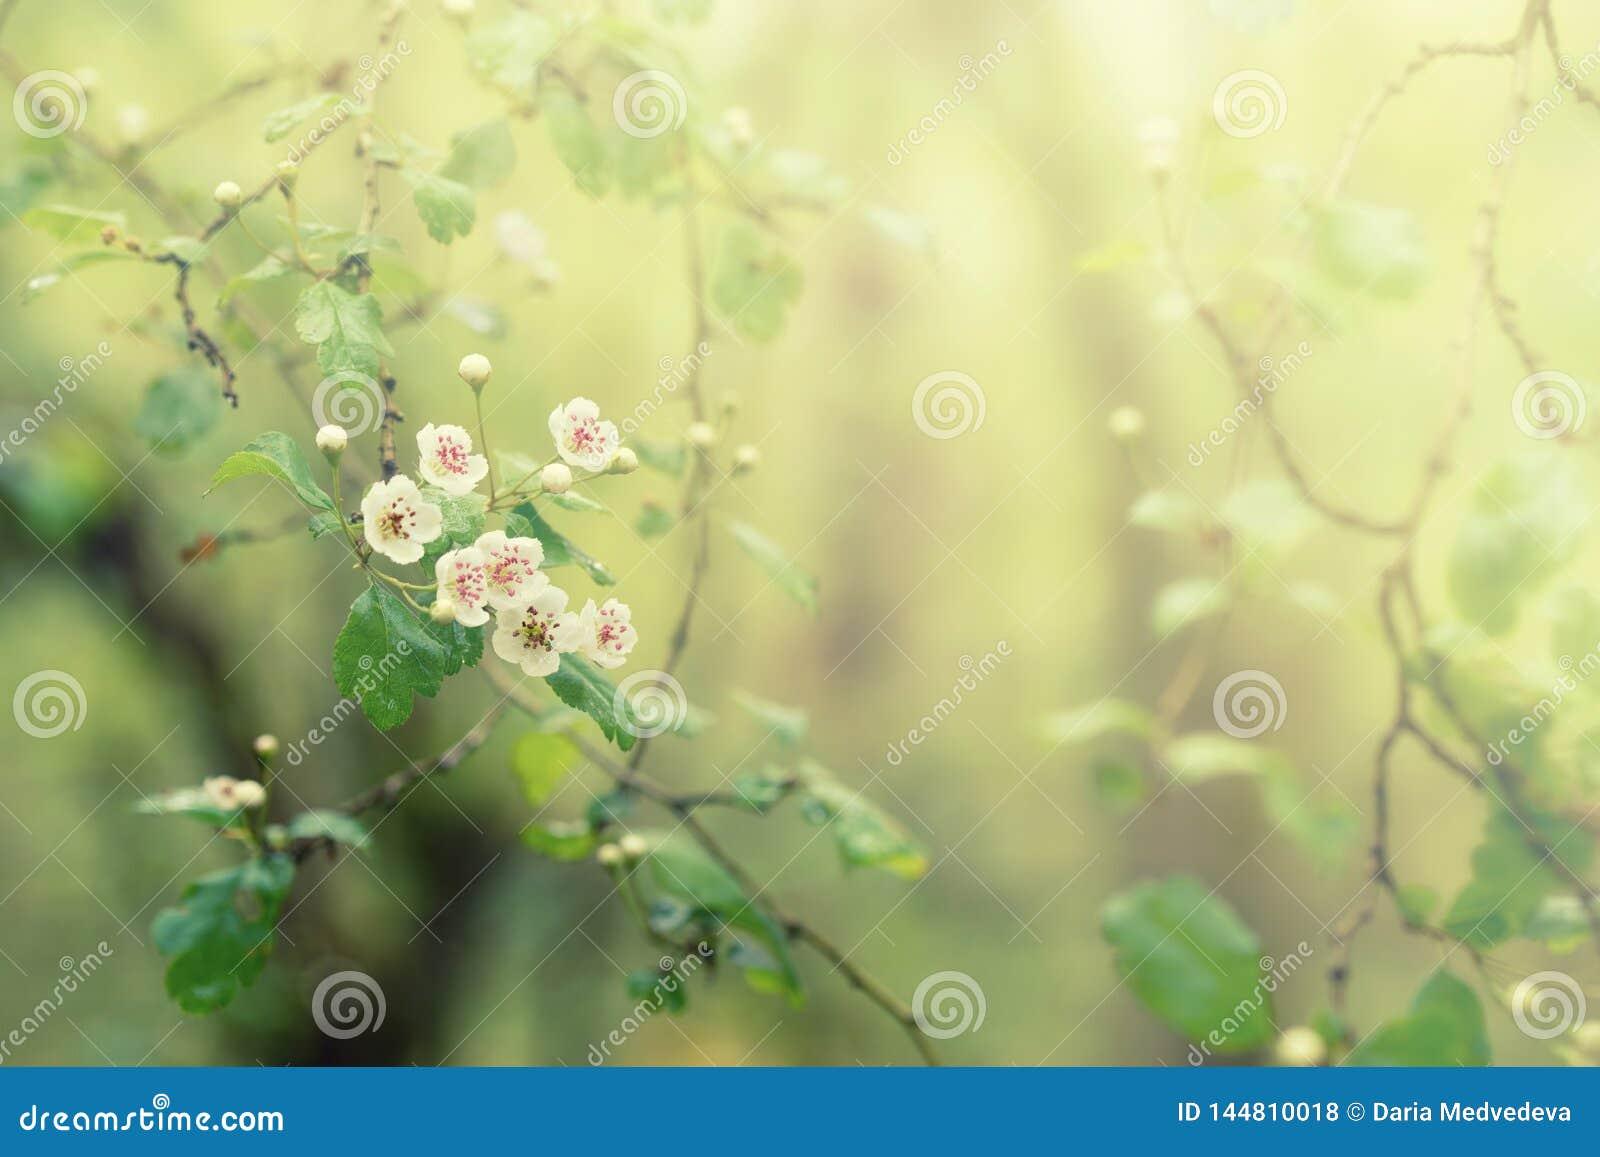 与白花的开花的树,春天花卉抽象背景,软的焦点